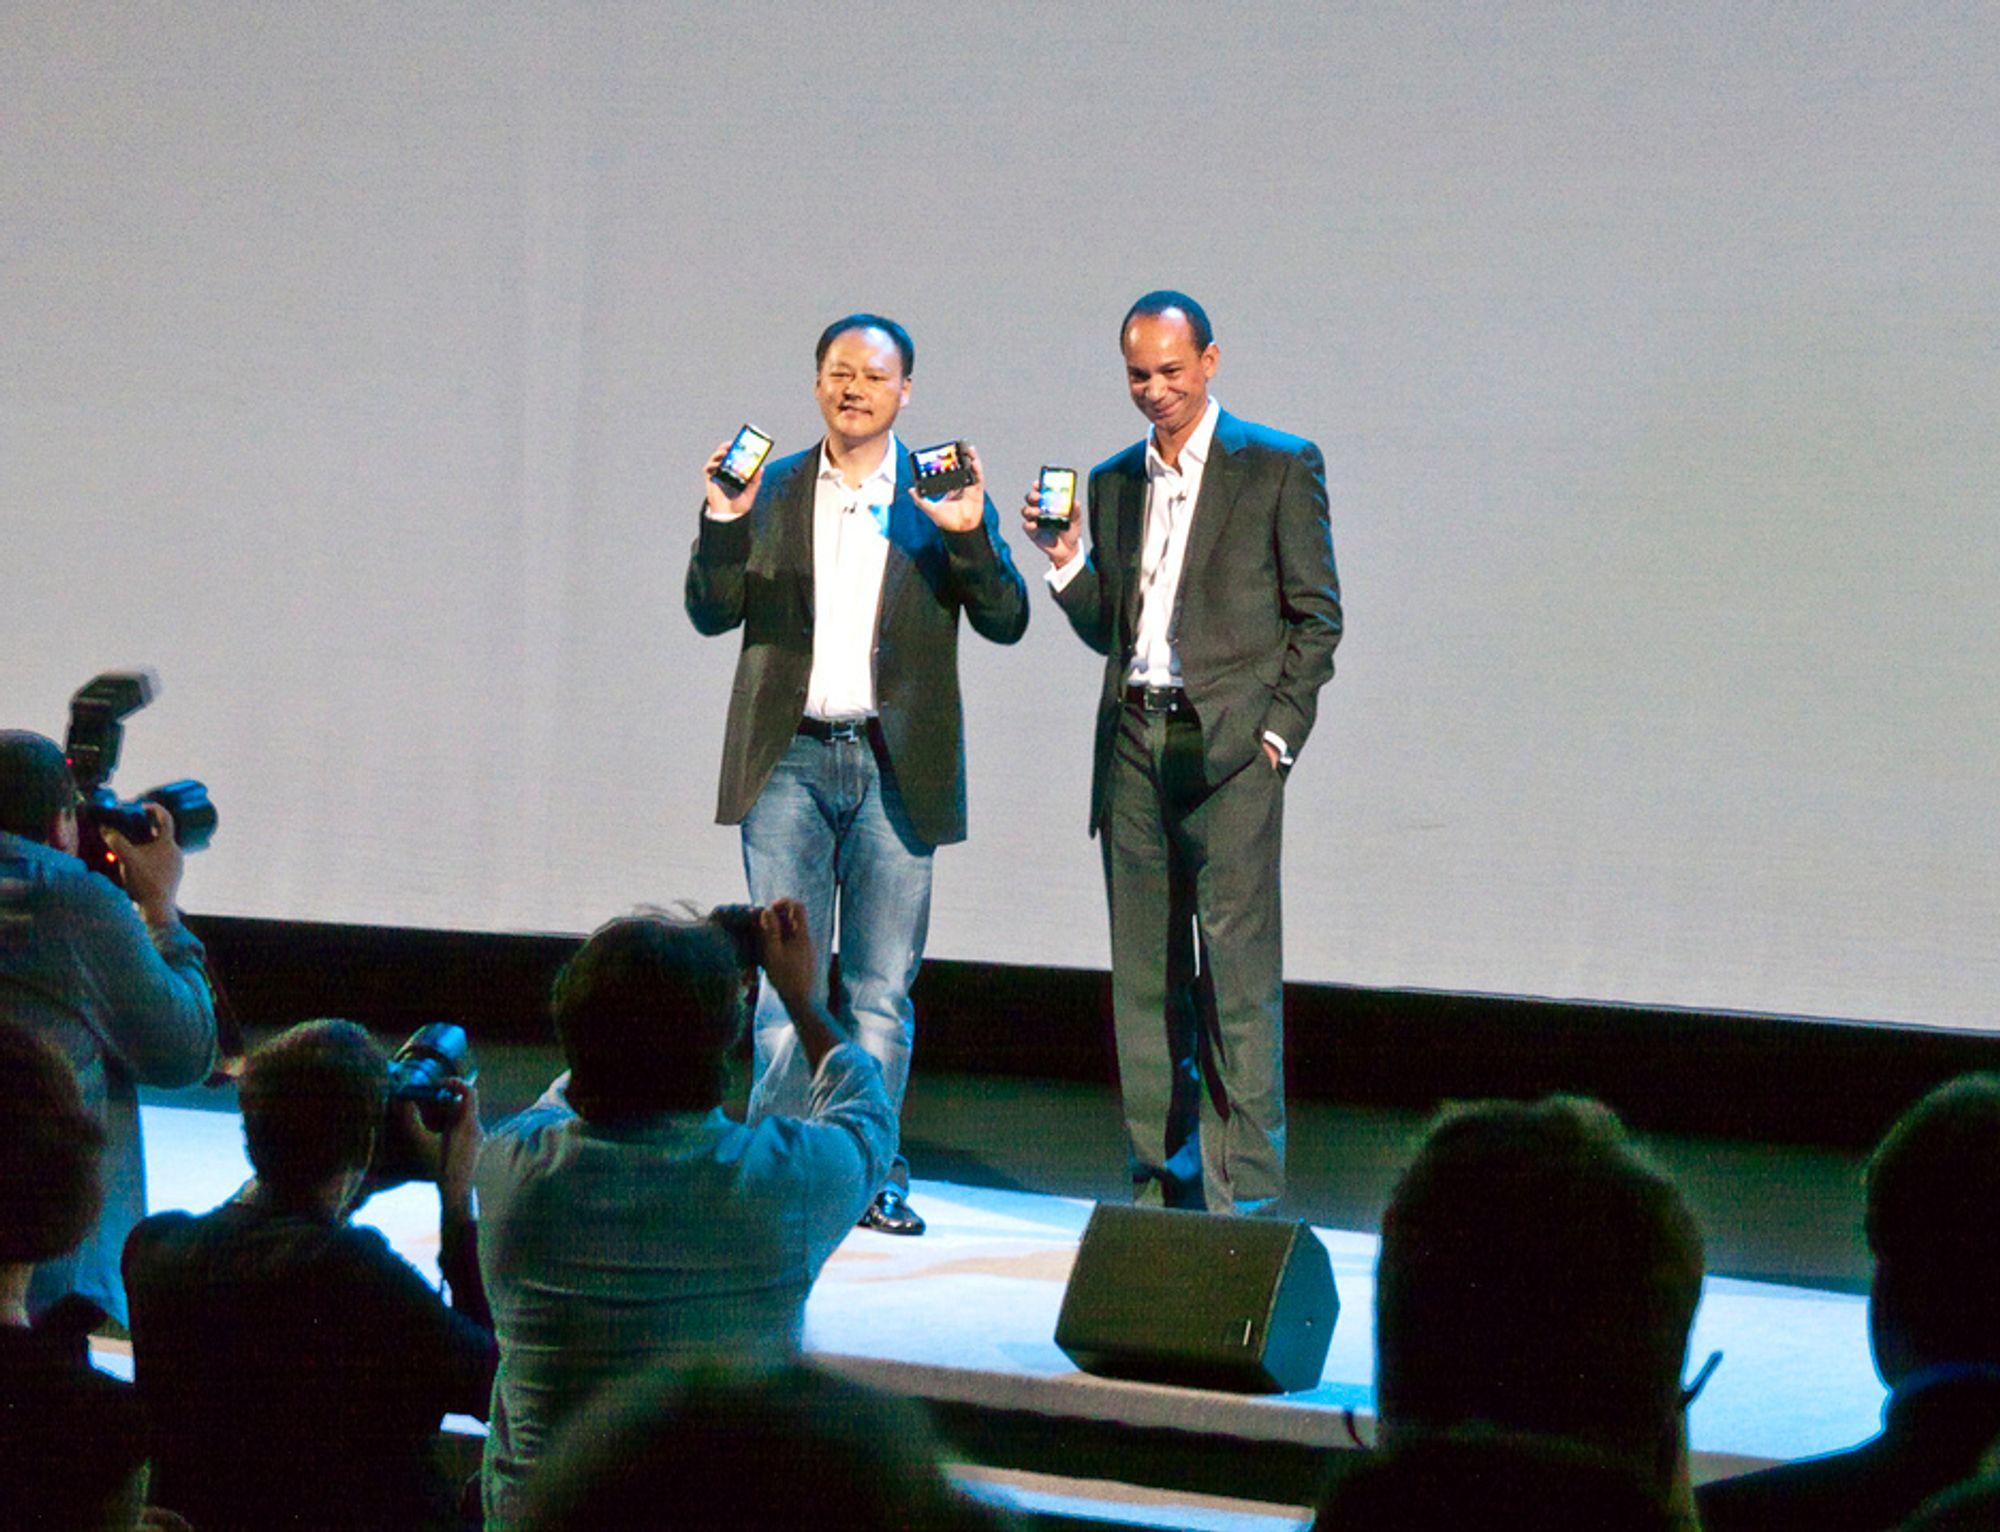 SJEFENE: HTC-sjefen viste frem de nye modellene sammen med en representant fra Vodaphone som vil omfavne de nye modellene.